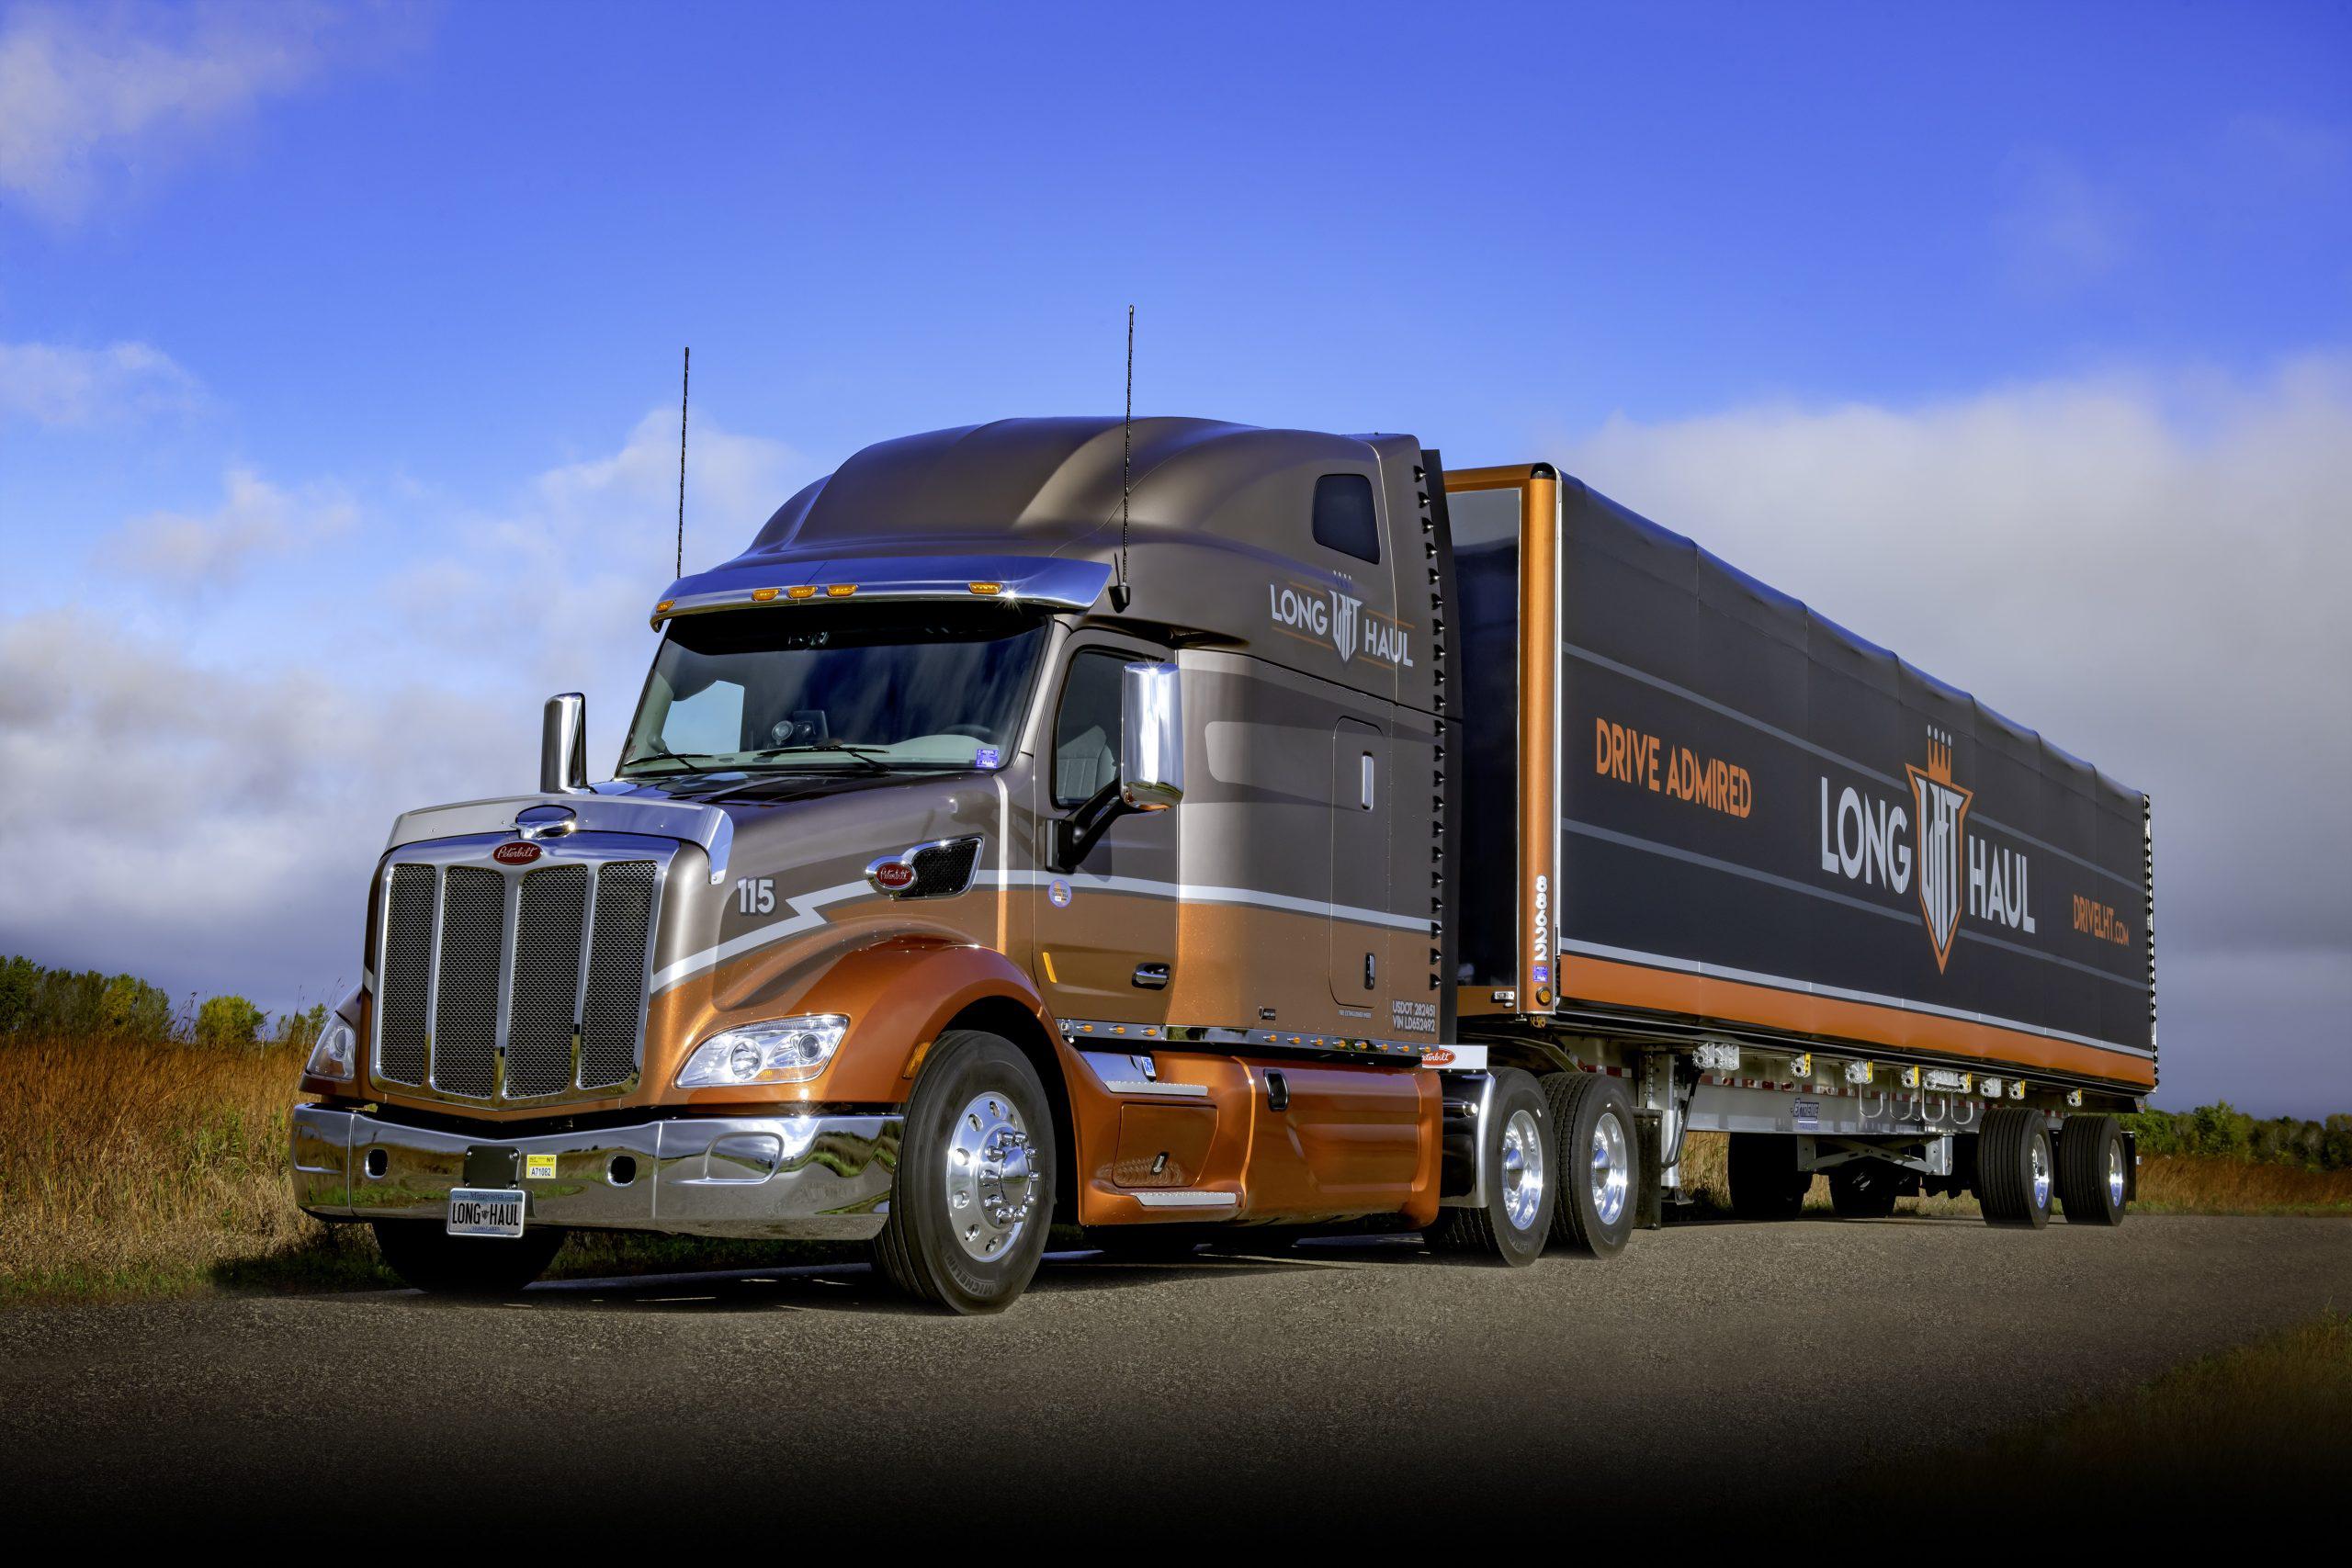 long-haul-trucking1-2020-10-18-10-32